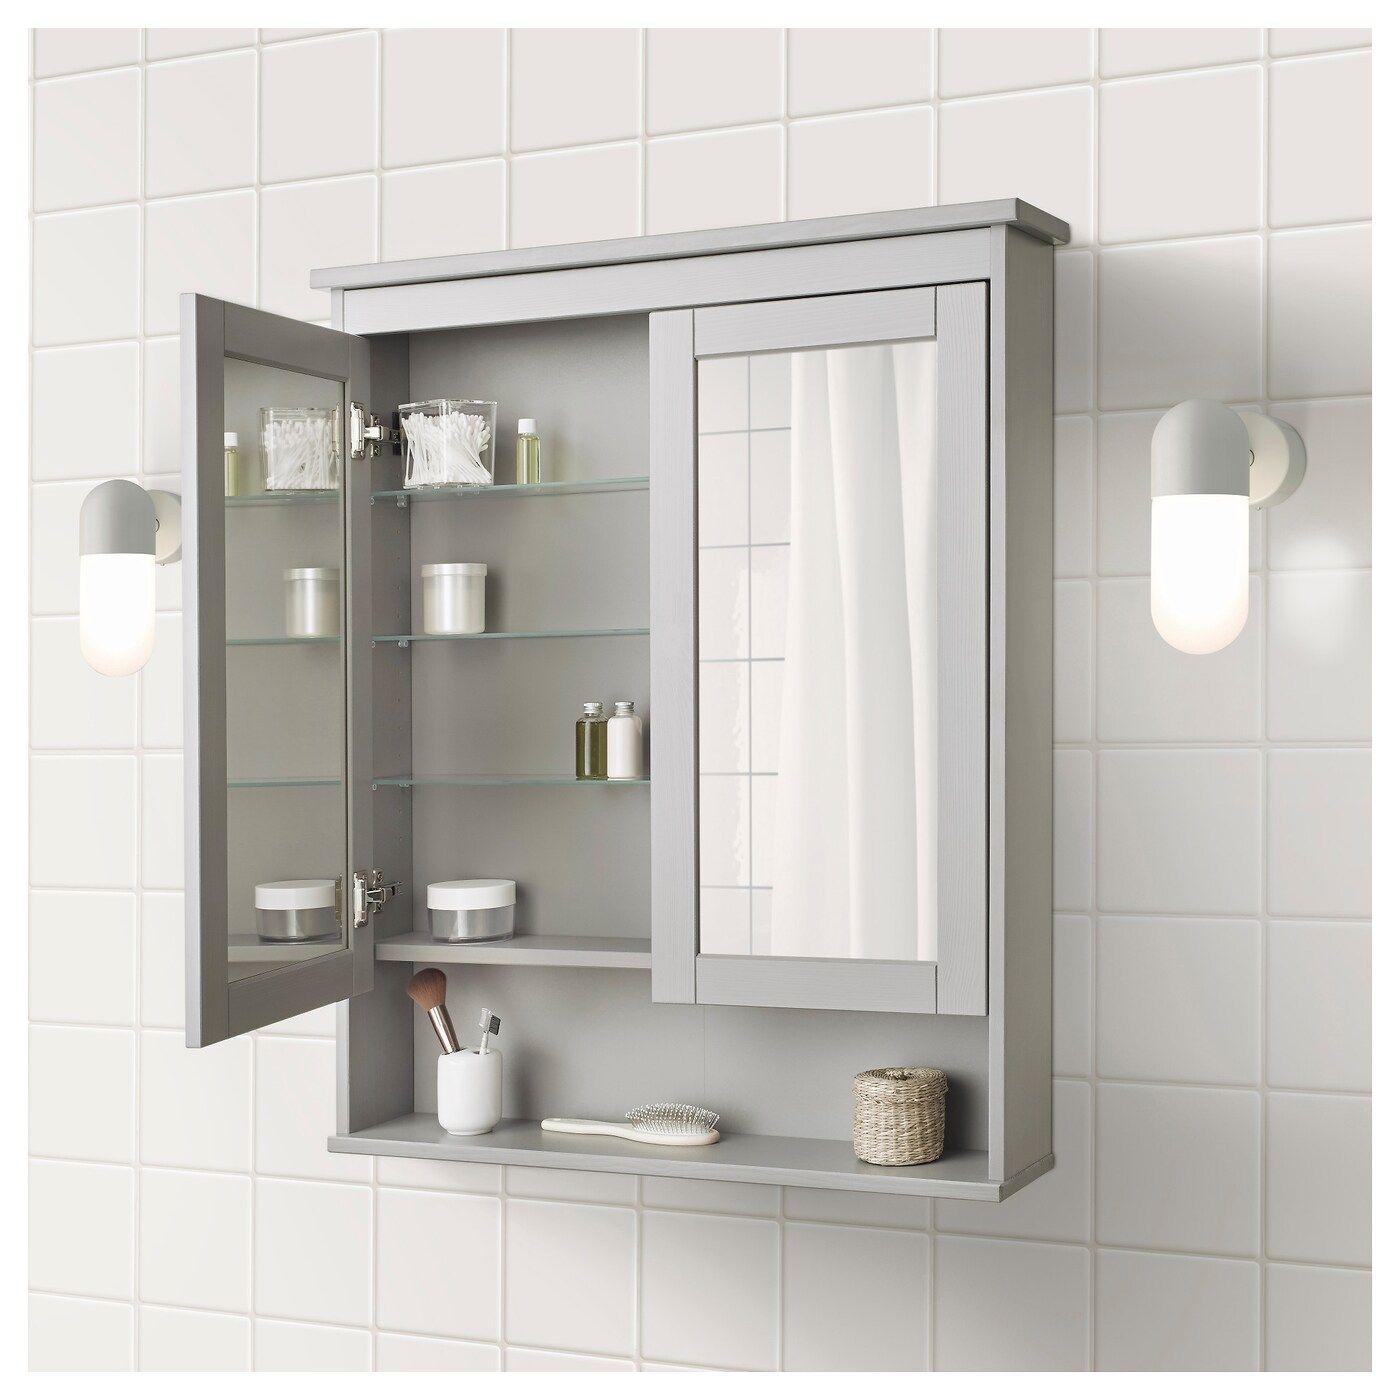 Hemnes Grey Mirror Cabinet With 2 Doors 83x16x98 Cm Ikea Mirror Cabinets Ikea Hemnes Mirror Bathroom Mirror Cabinet